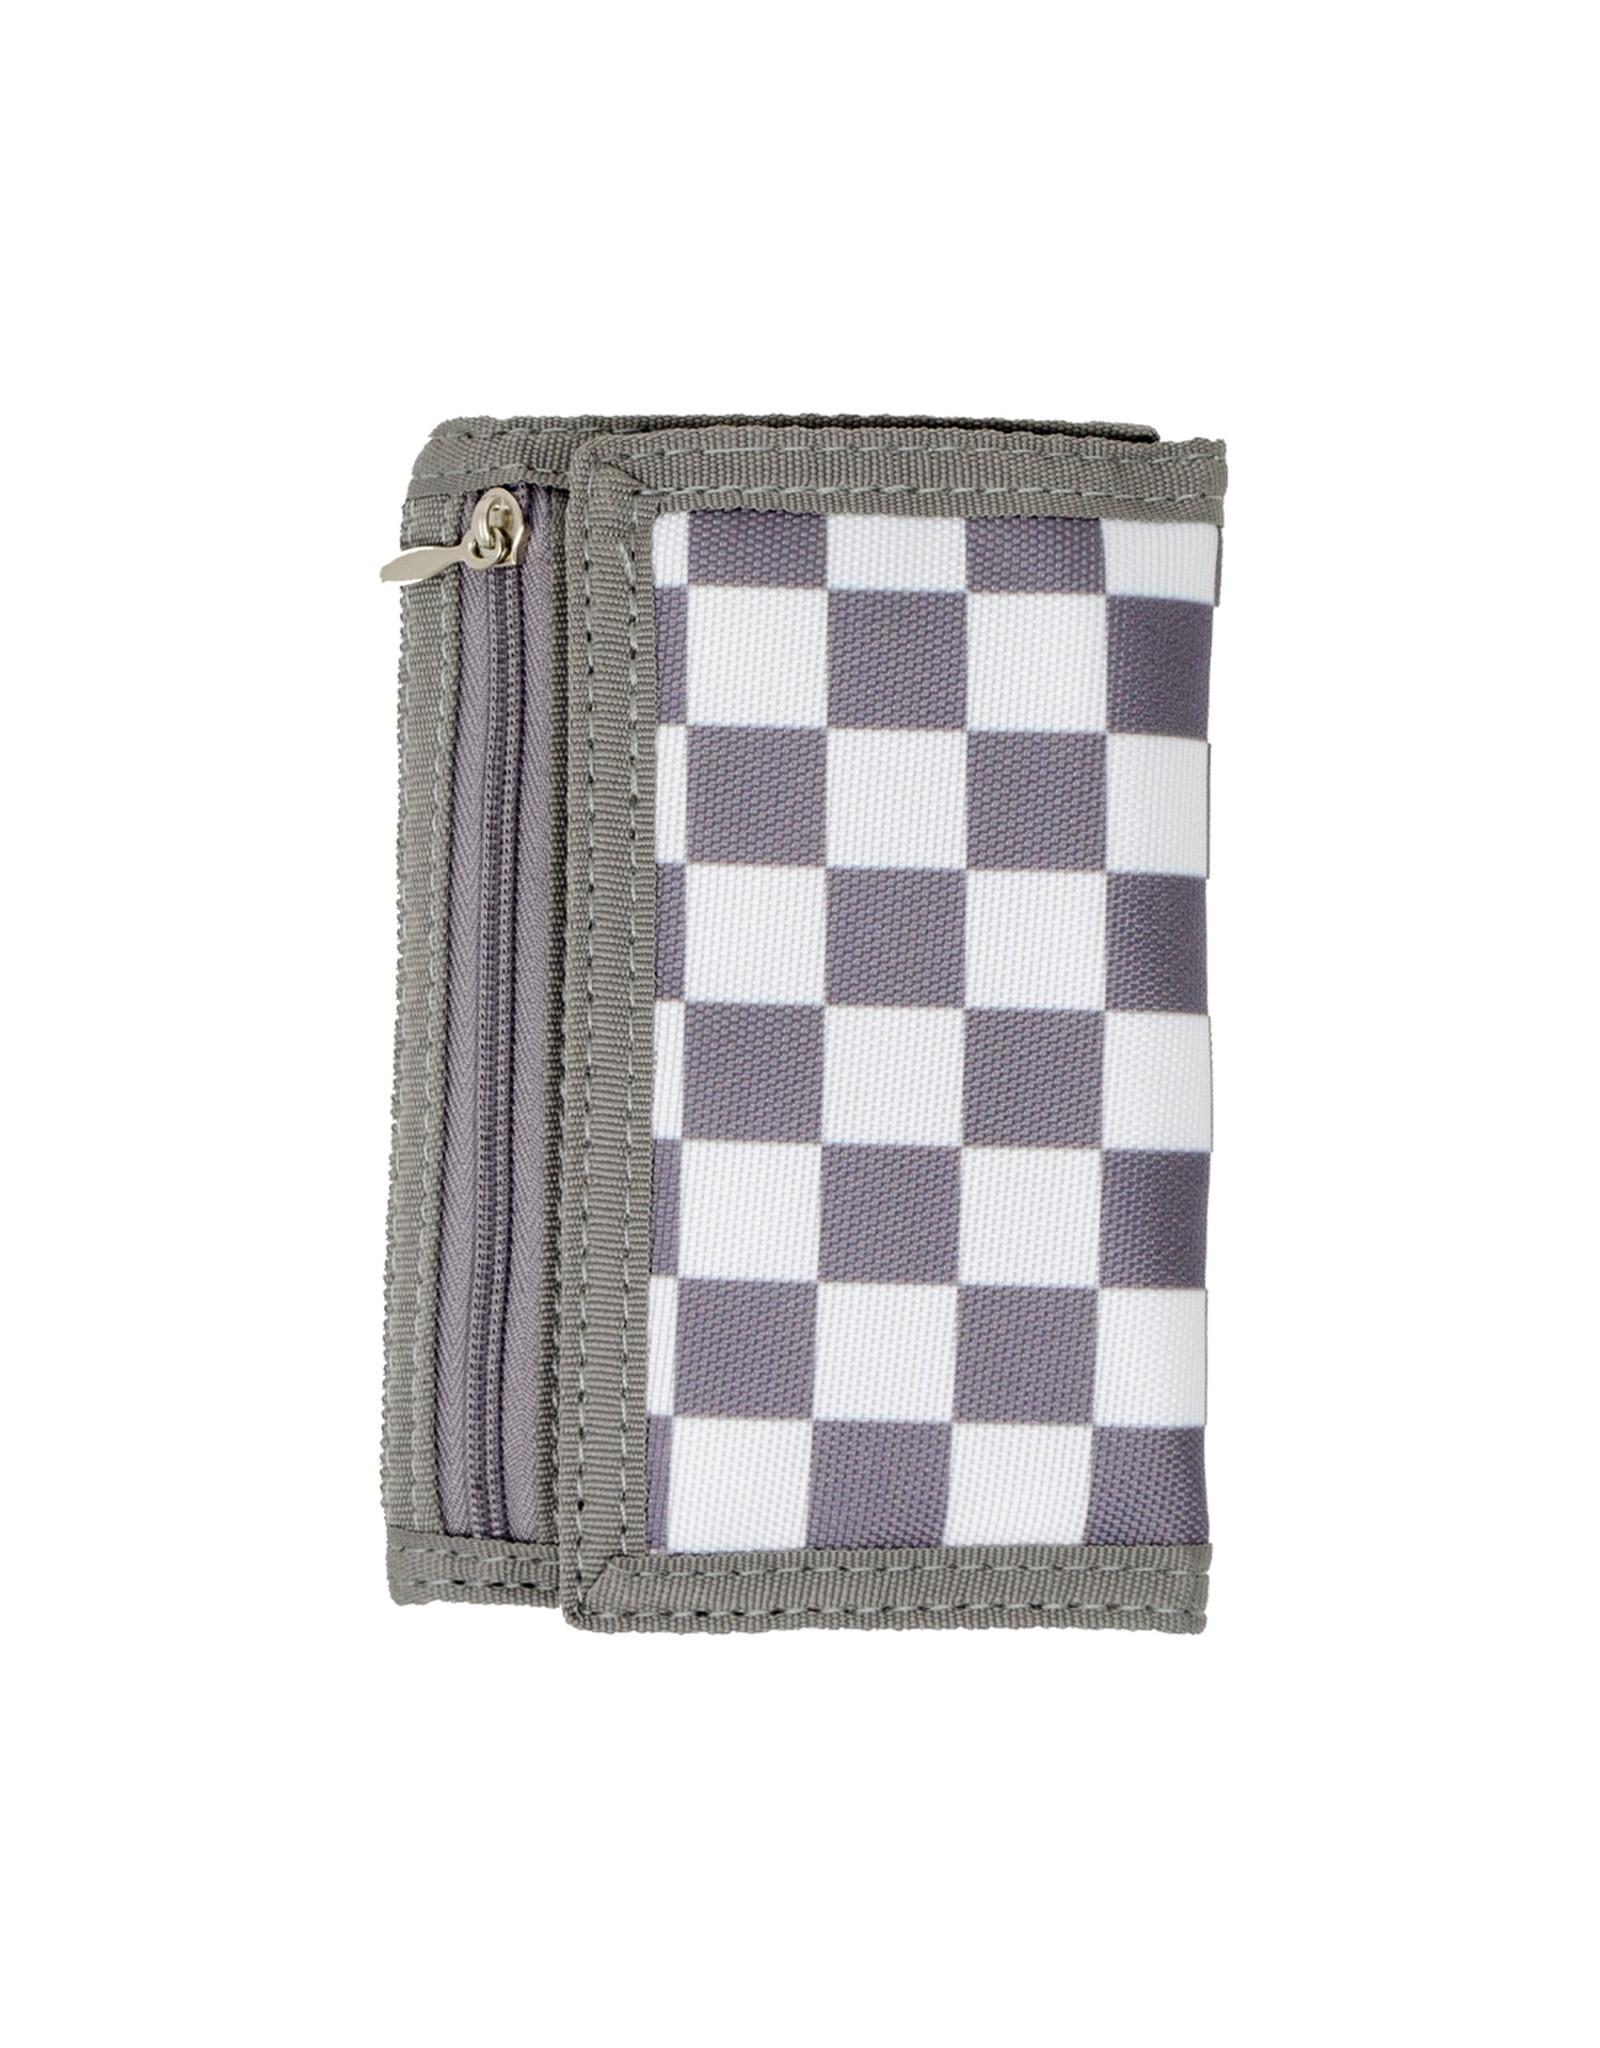 Tiny Treats & Zomi Gems Boys Checkered Grey Wallet